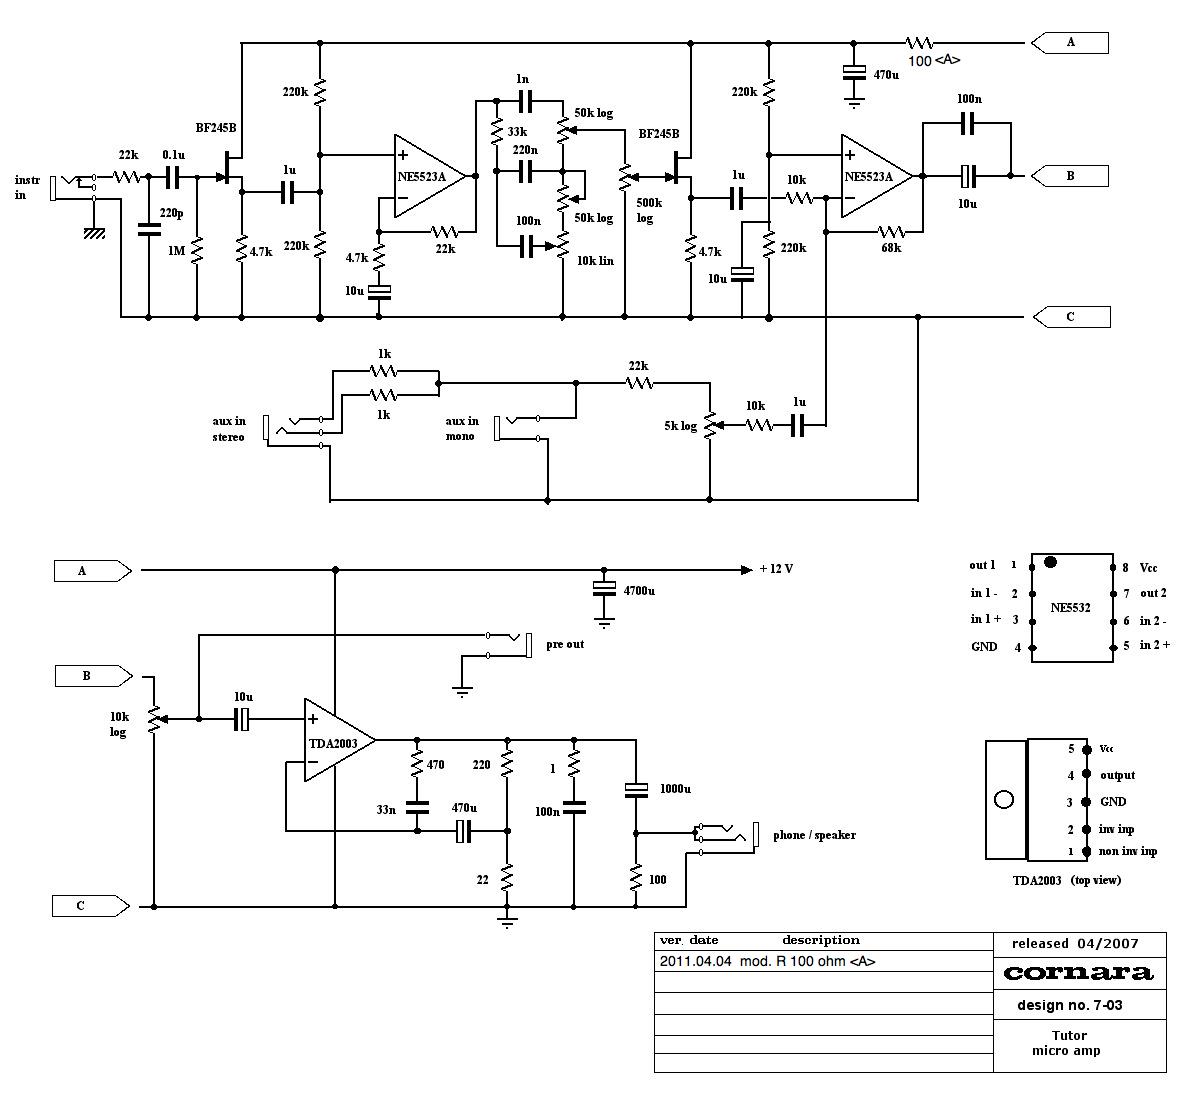 Schema Elettrico Amplificatore Per Basso : Amplificatore tutor per basso pagina costruire hifi